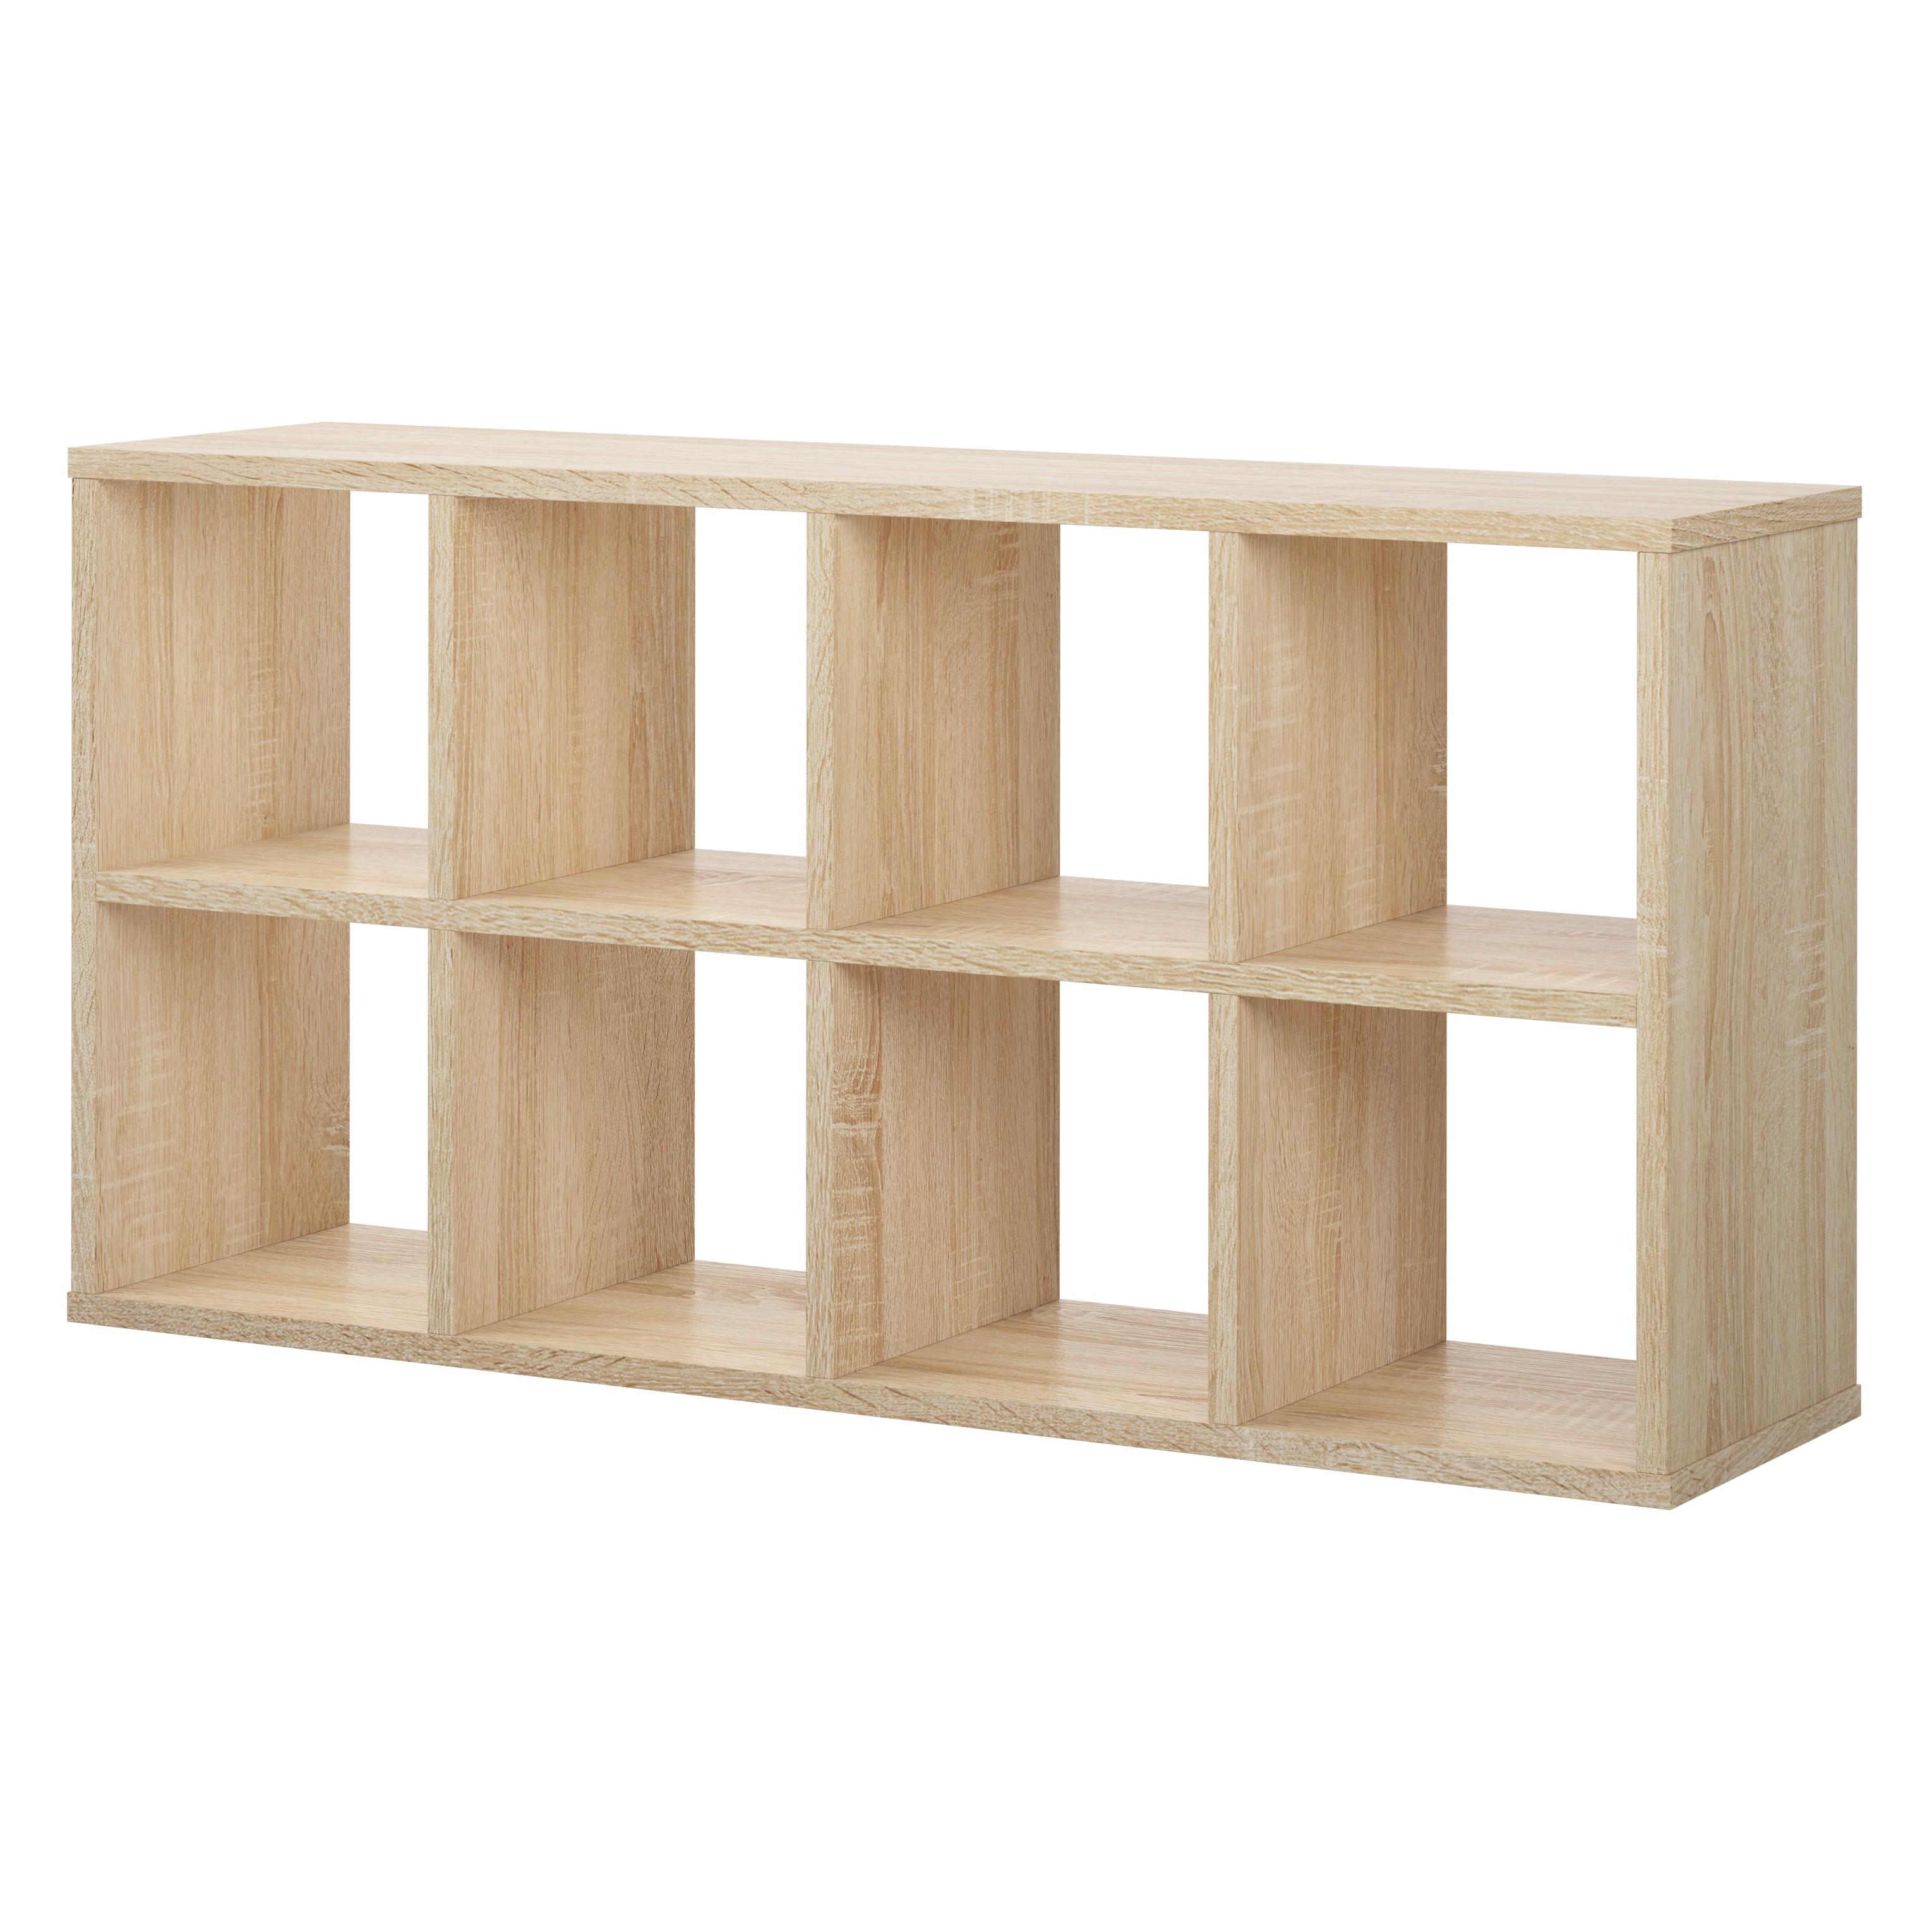 Home24 Open kasten planken